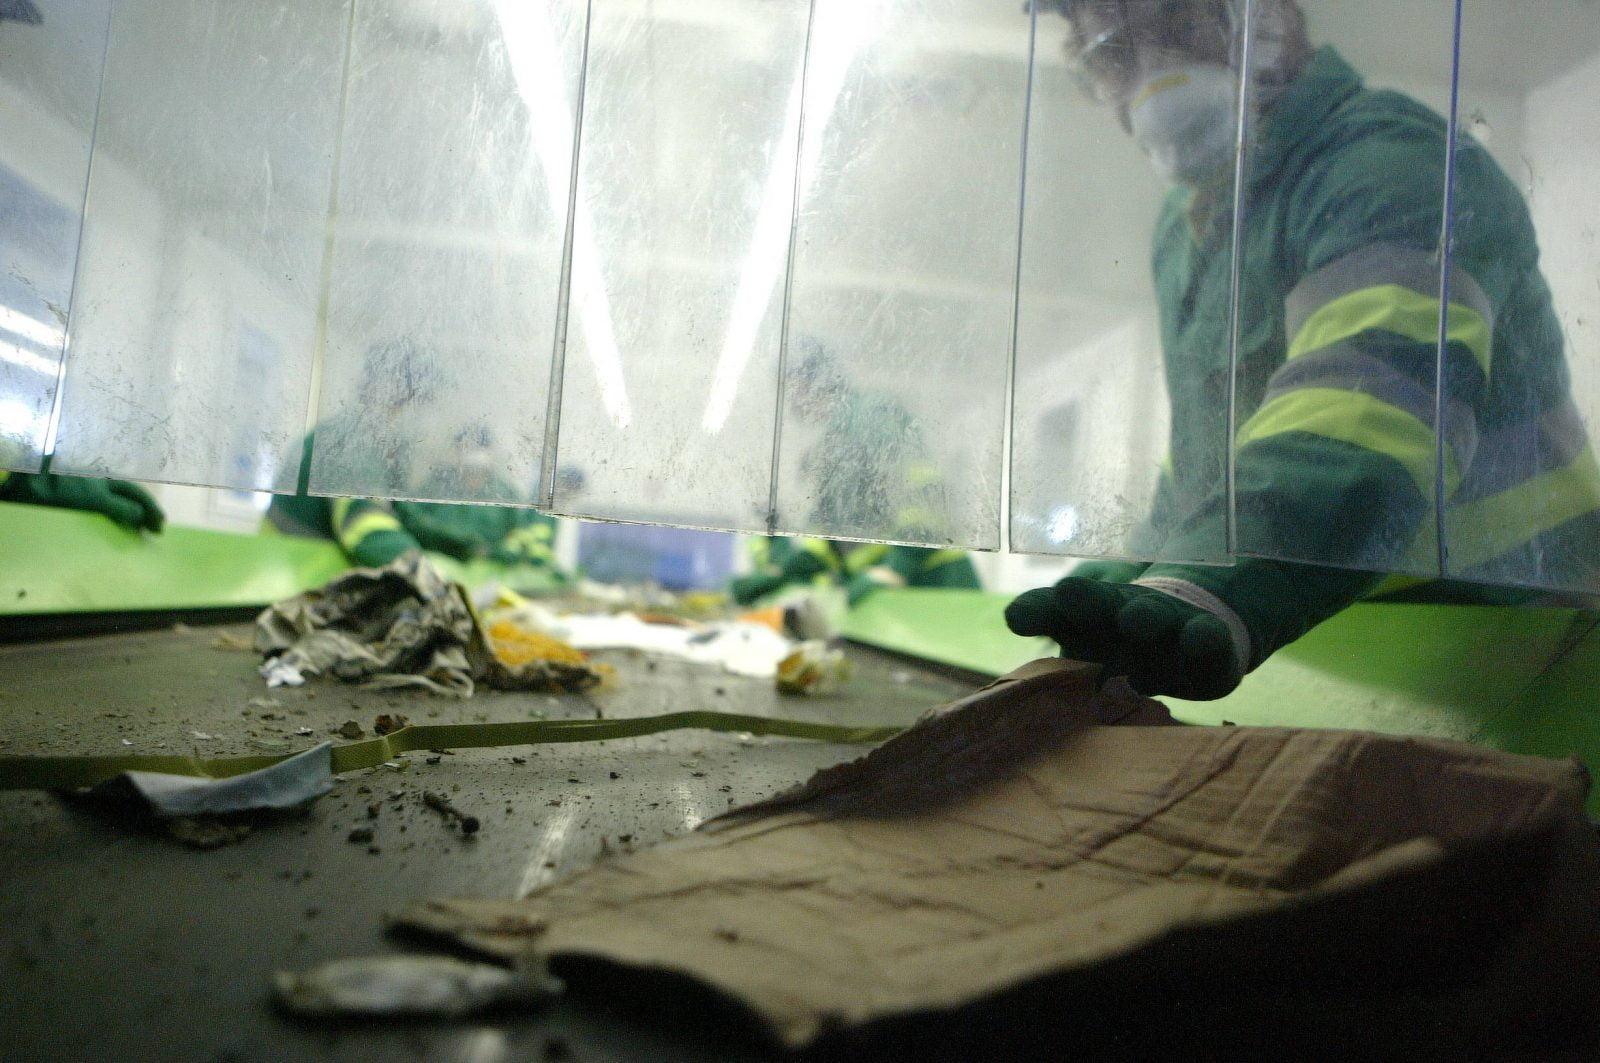 Un angajat Florisal i-a restituit actele femeii prădate în Micro 15. Le-a găsit în gunoi, la piață